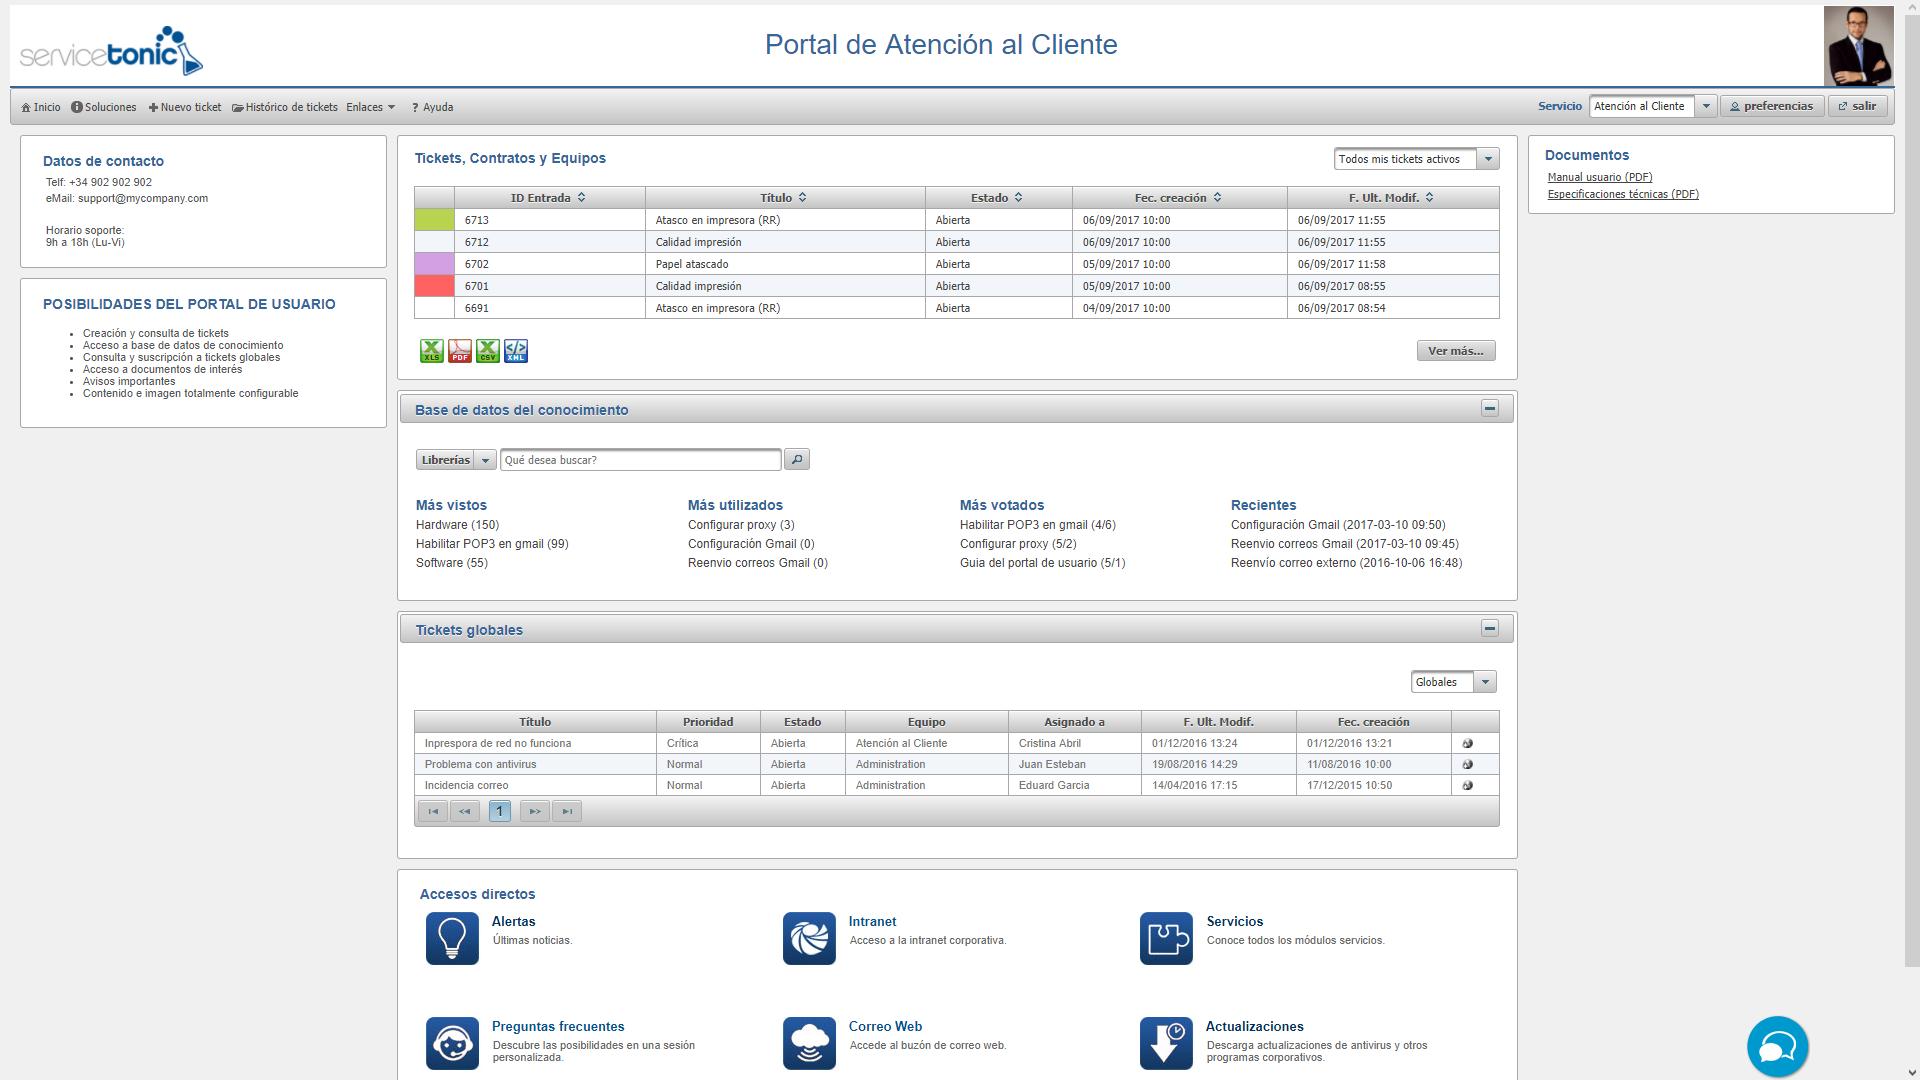 Portal del usuario del servicio de atención al cliente